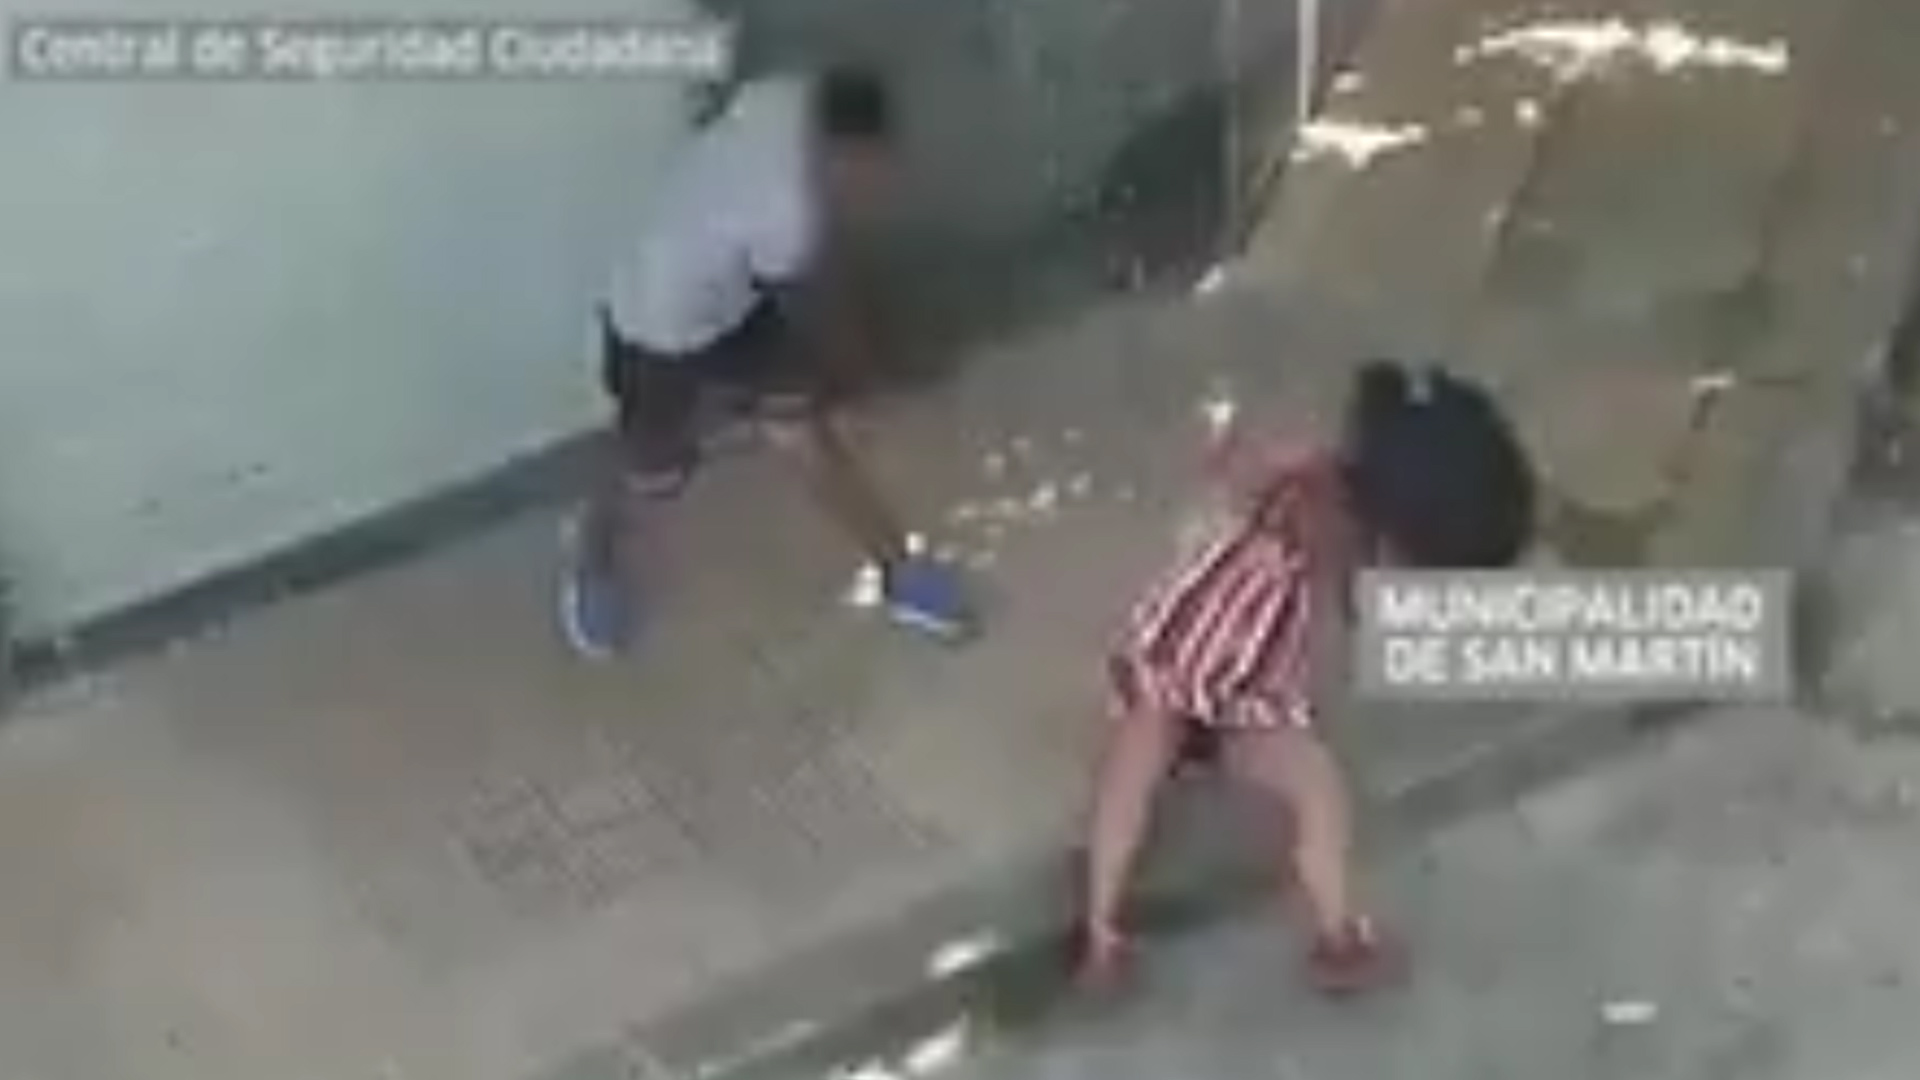 Una las trompadas dejó a la mujer tendida sobre la vereda